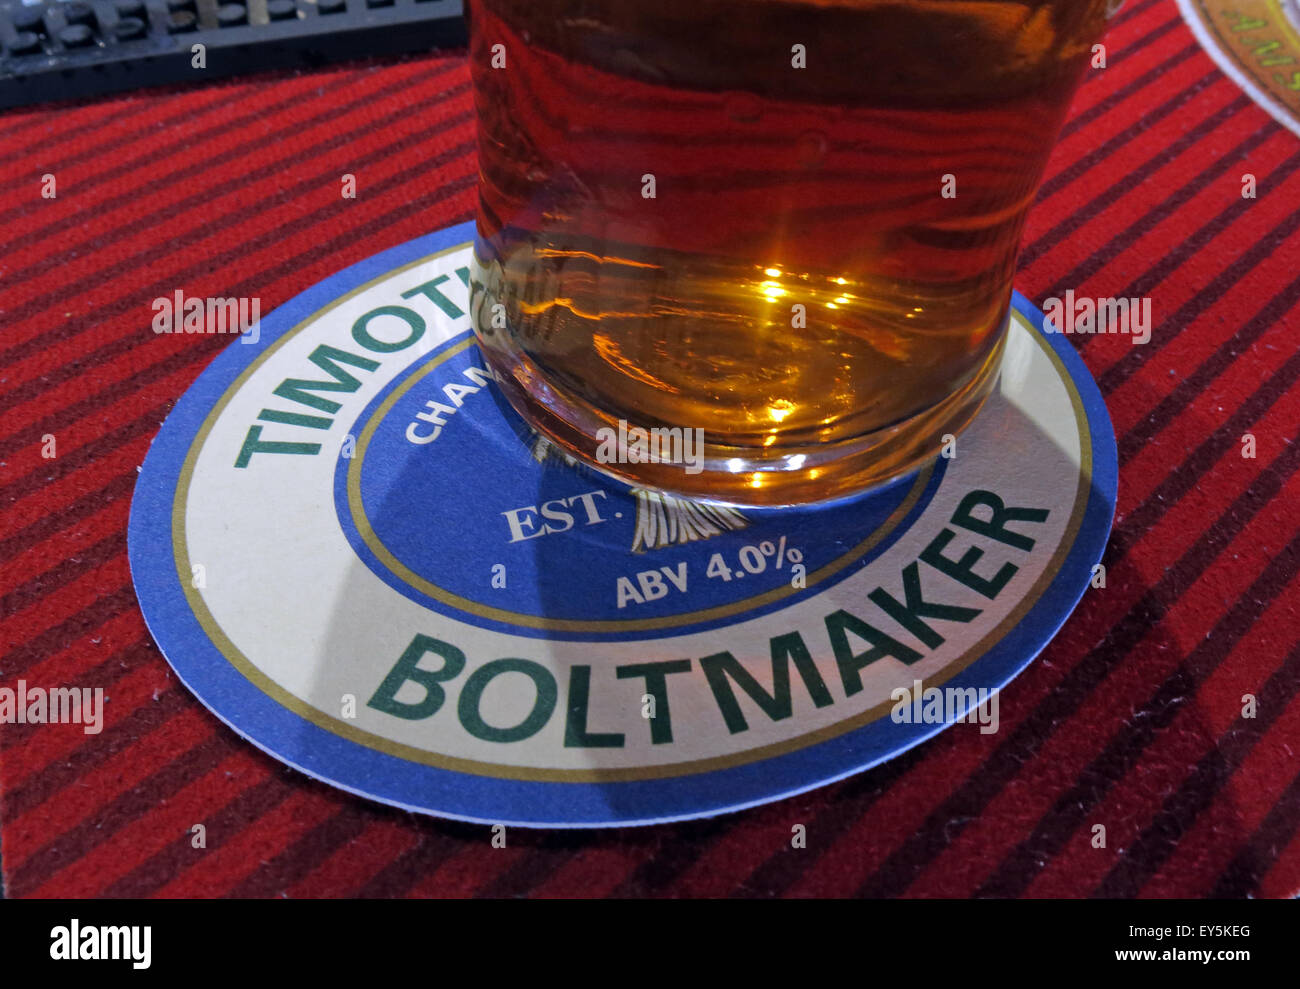 Laden Sie dieses Alamy Stockfoto Ein Pint Timothy Taylor Boltmaker Bitter, in einer Bar, Yorkshire, England, UK auf eine simGangster - EY5KEG